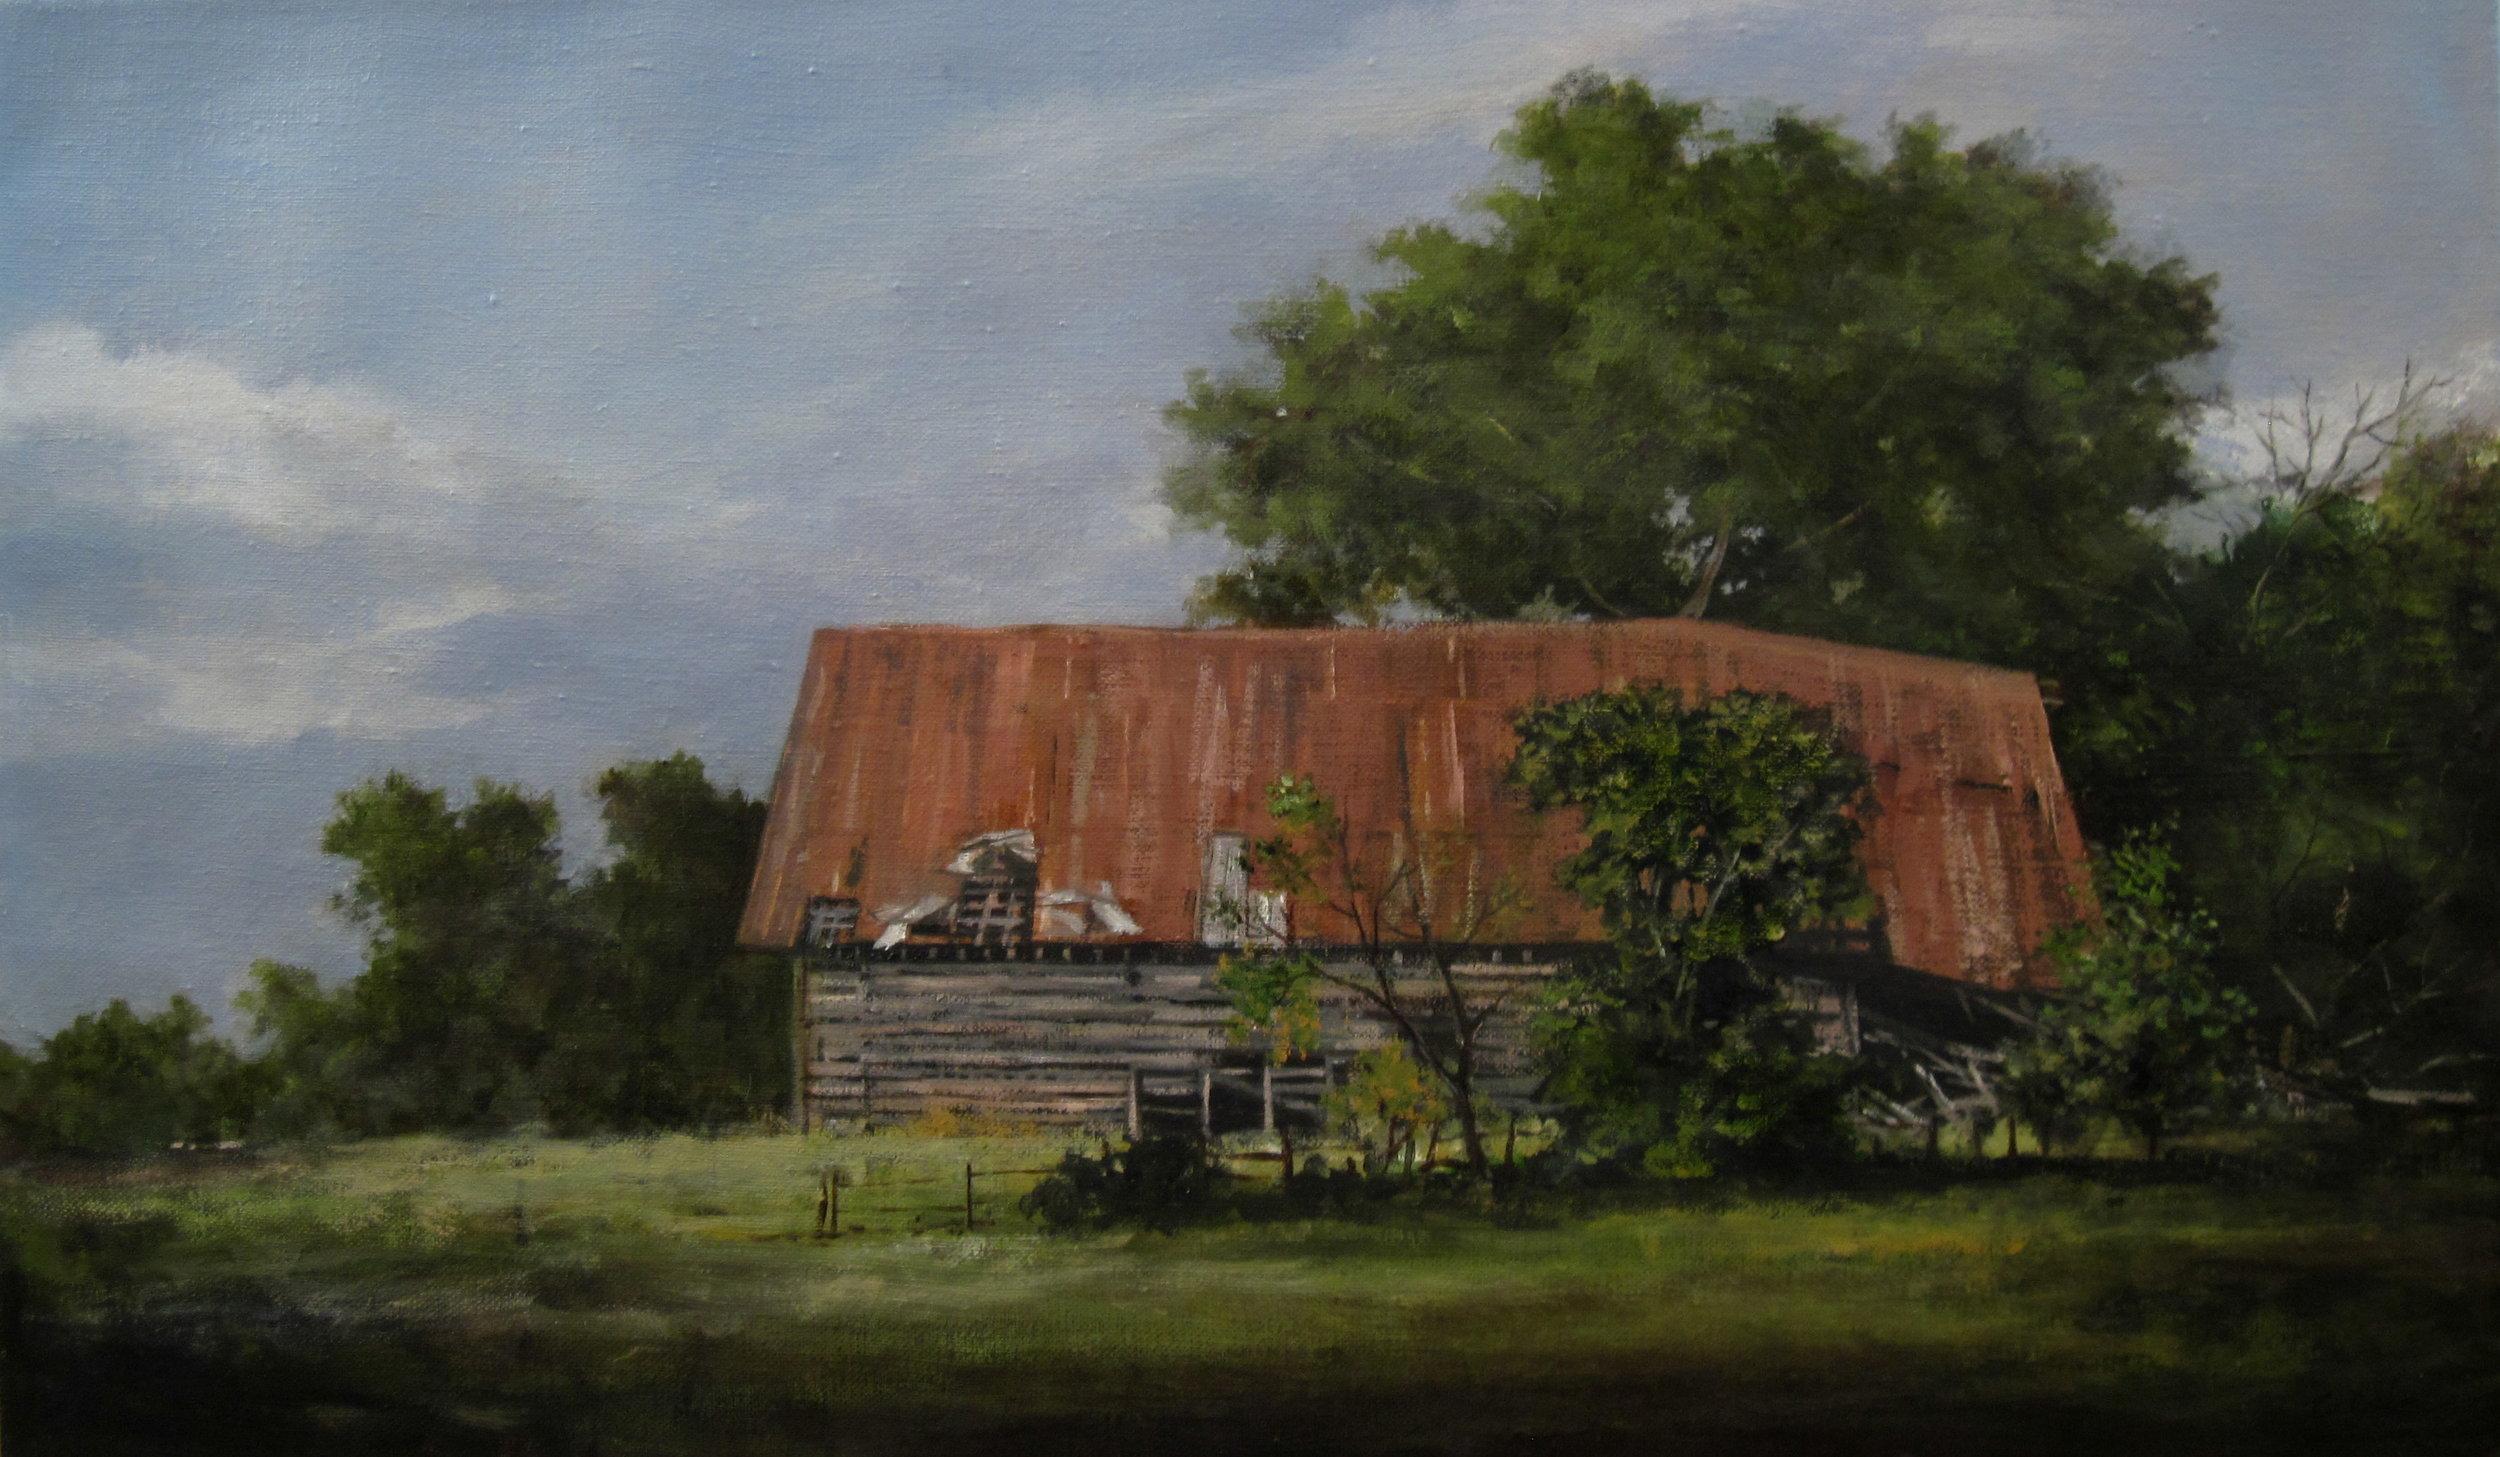 Ninety-Six Barn II